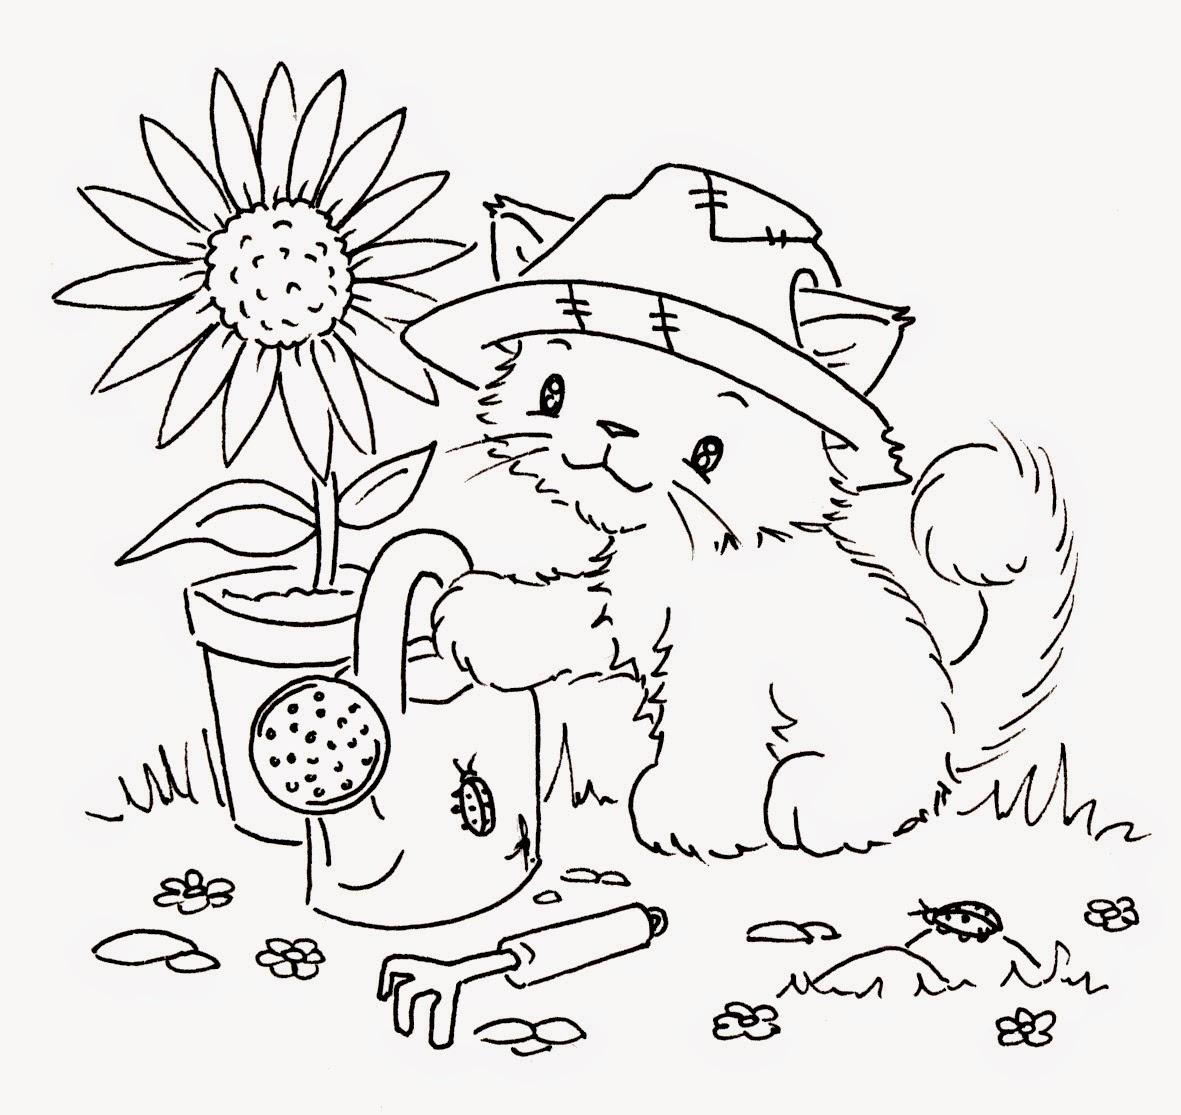 imagens de gatinhos fofinhos filhotes para colorir